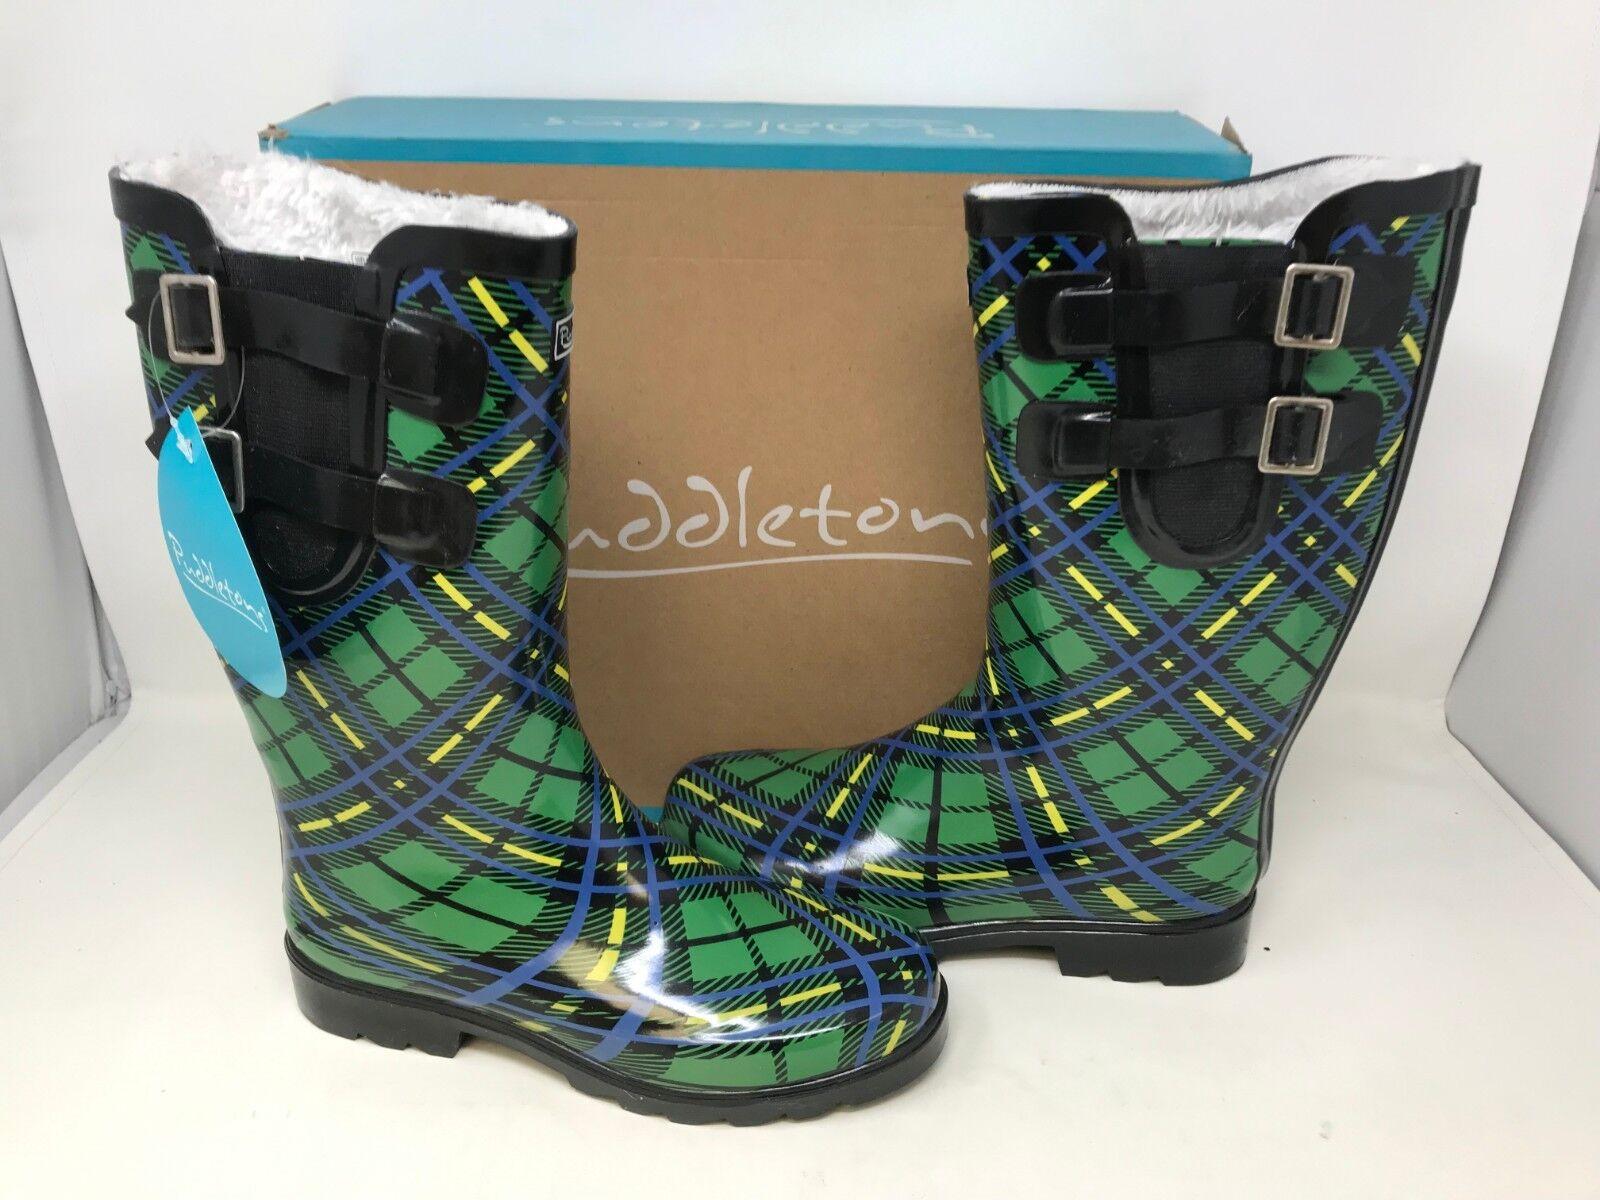 NEW  Puddletons Puddletons Puddletons Women's Cozy Classic Double Strap Rain Boots Grn Size 7 164A tz 6f9de8